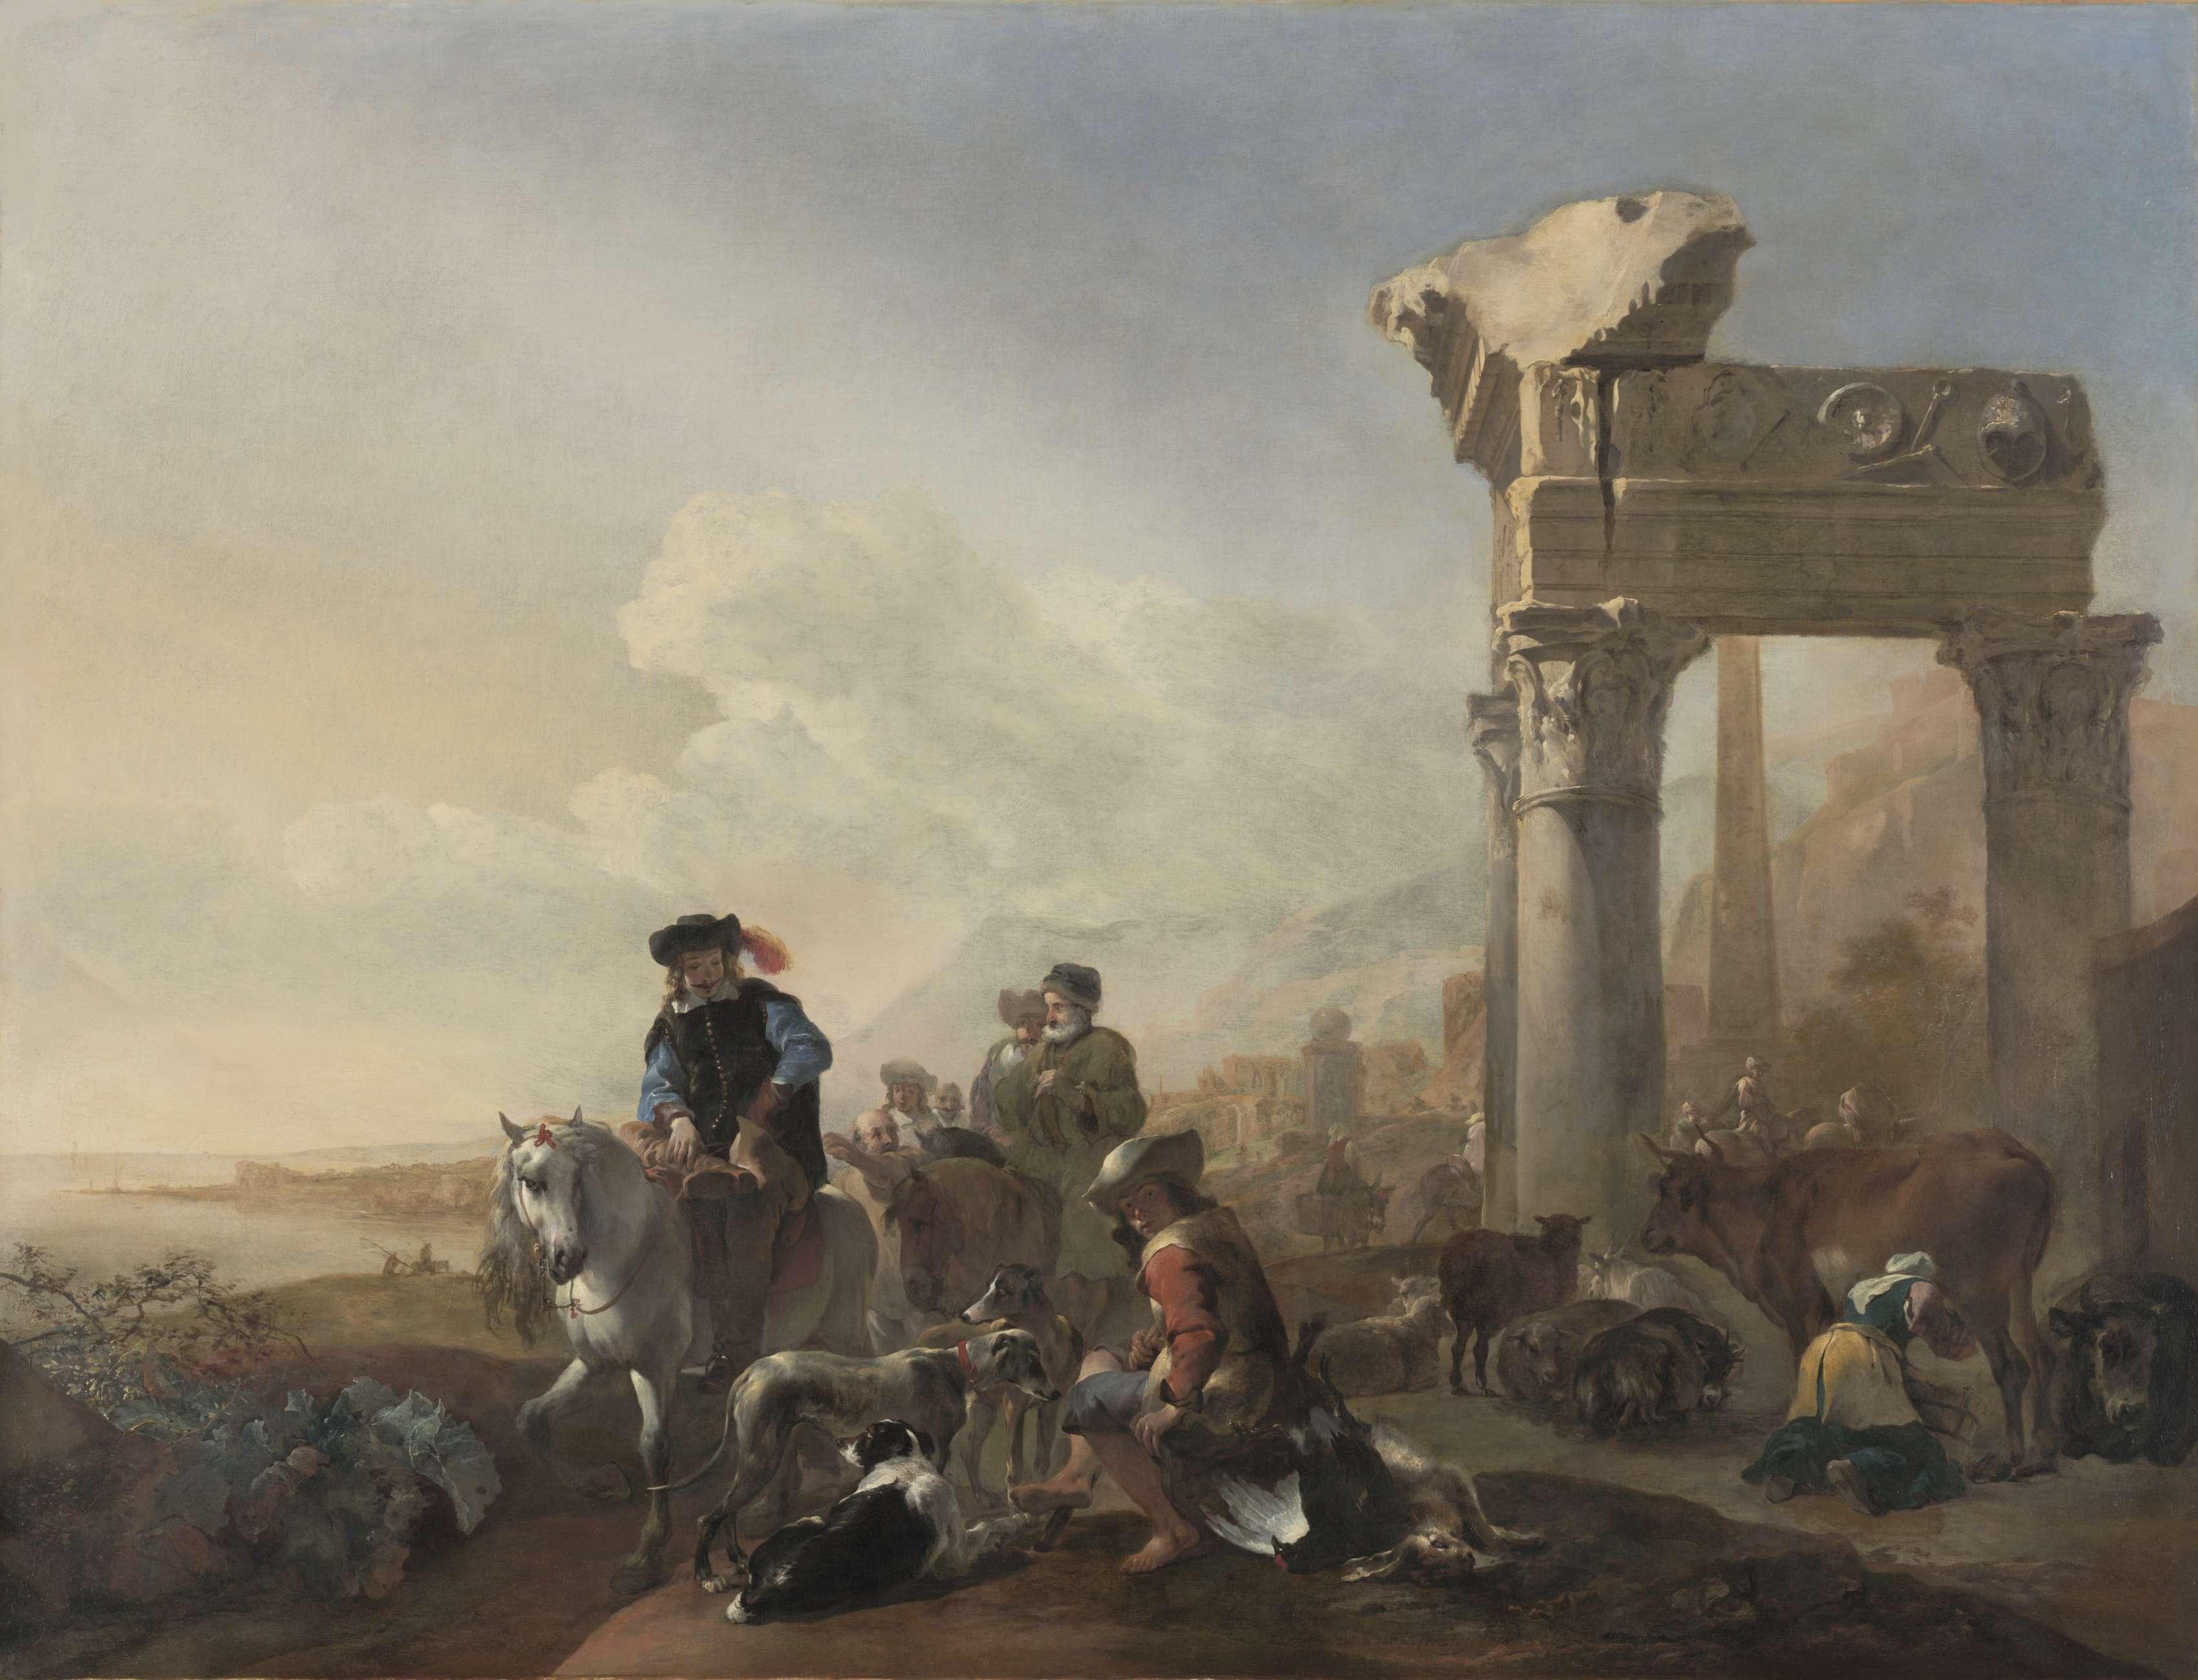 Κυνηγοί δίπλα σε αρχαία ερείπια. Hunters Near Ruins. 1648. Jan Baptist Weenix. (Dutch, 1621-1660). Μουσείο Τέχνης του Κλίβελαντ.